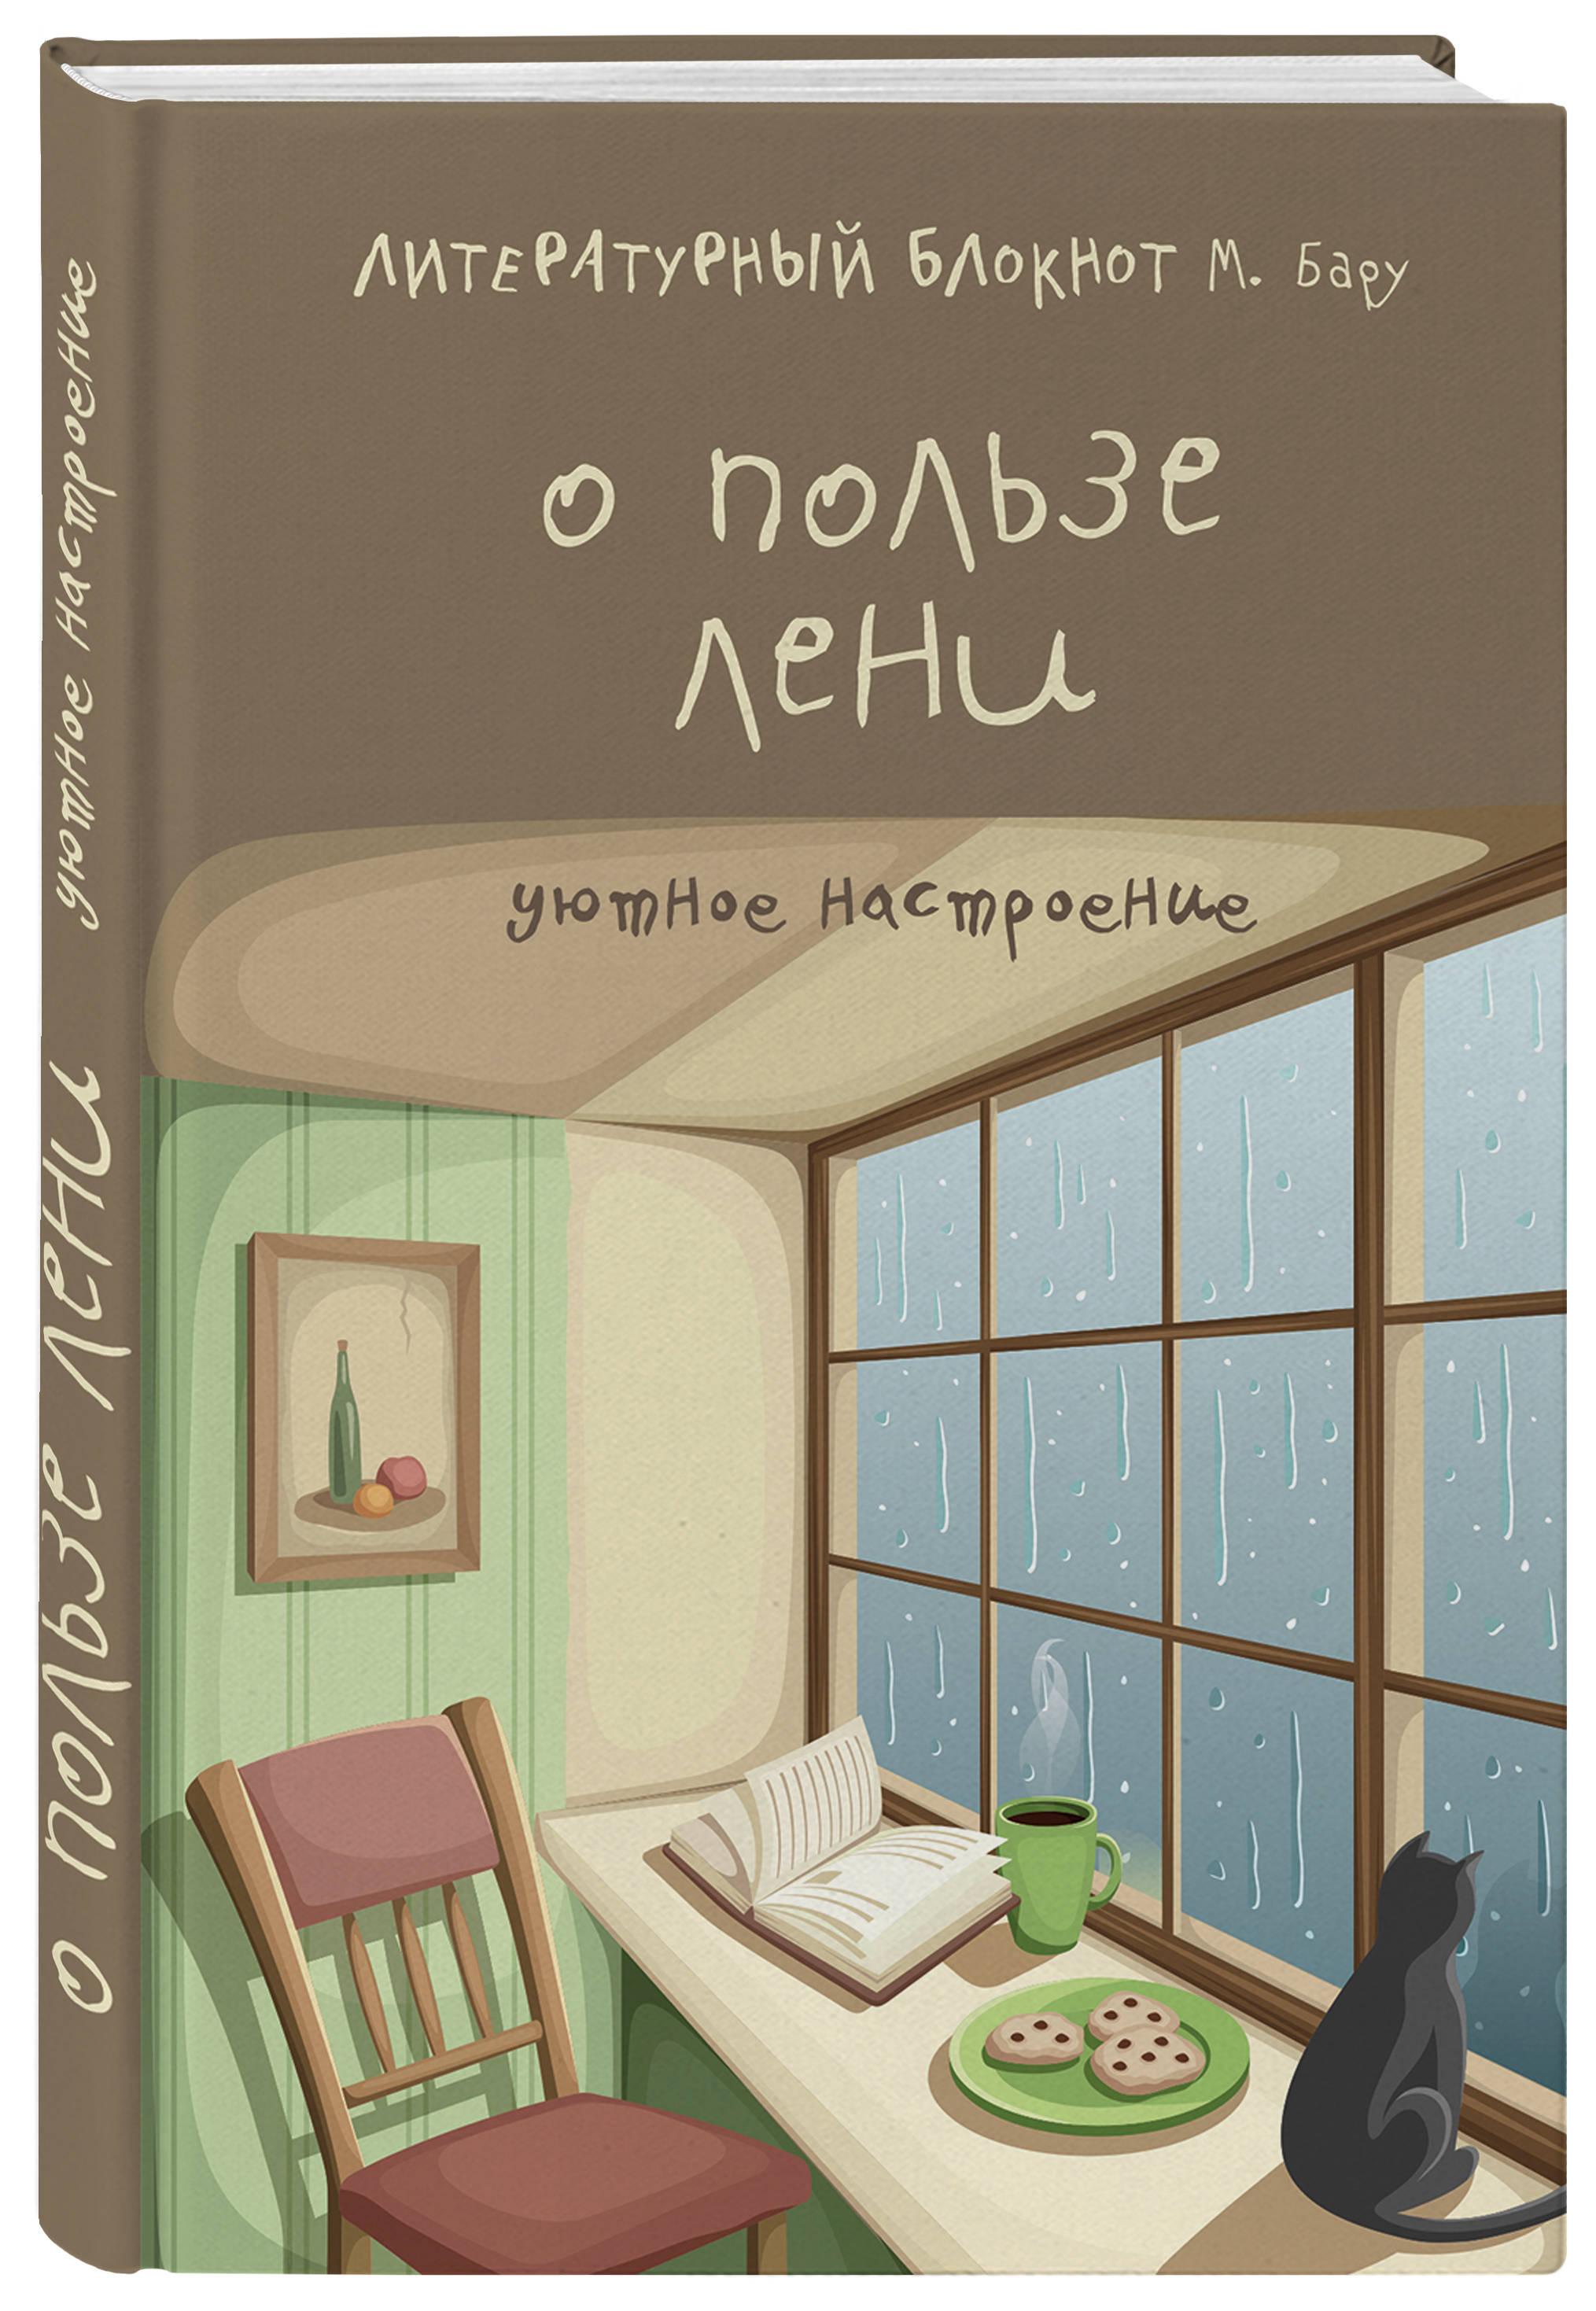 Литературный блокнот. О пользе лени (уютное настроение) ( Михаил Бару  )